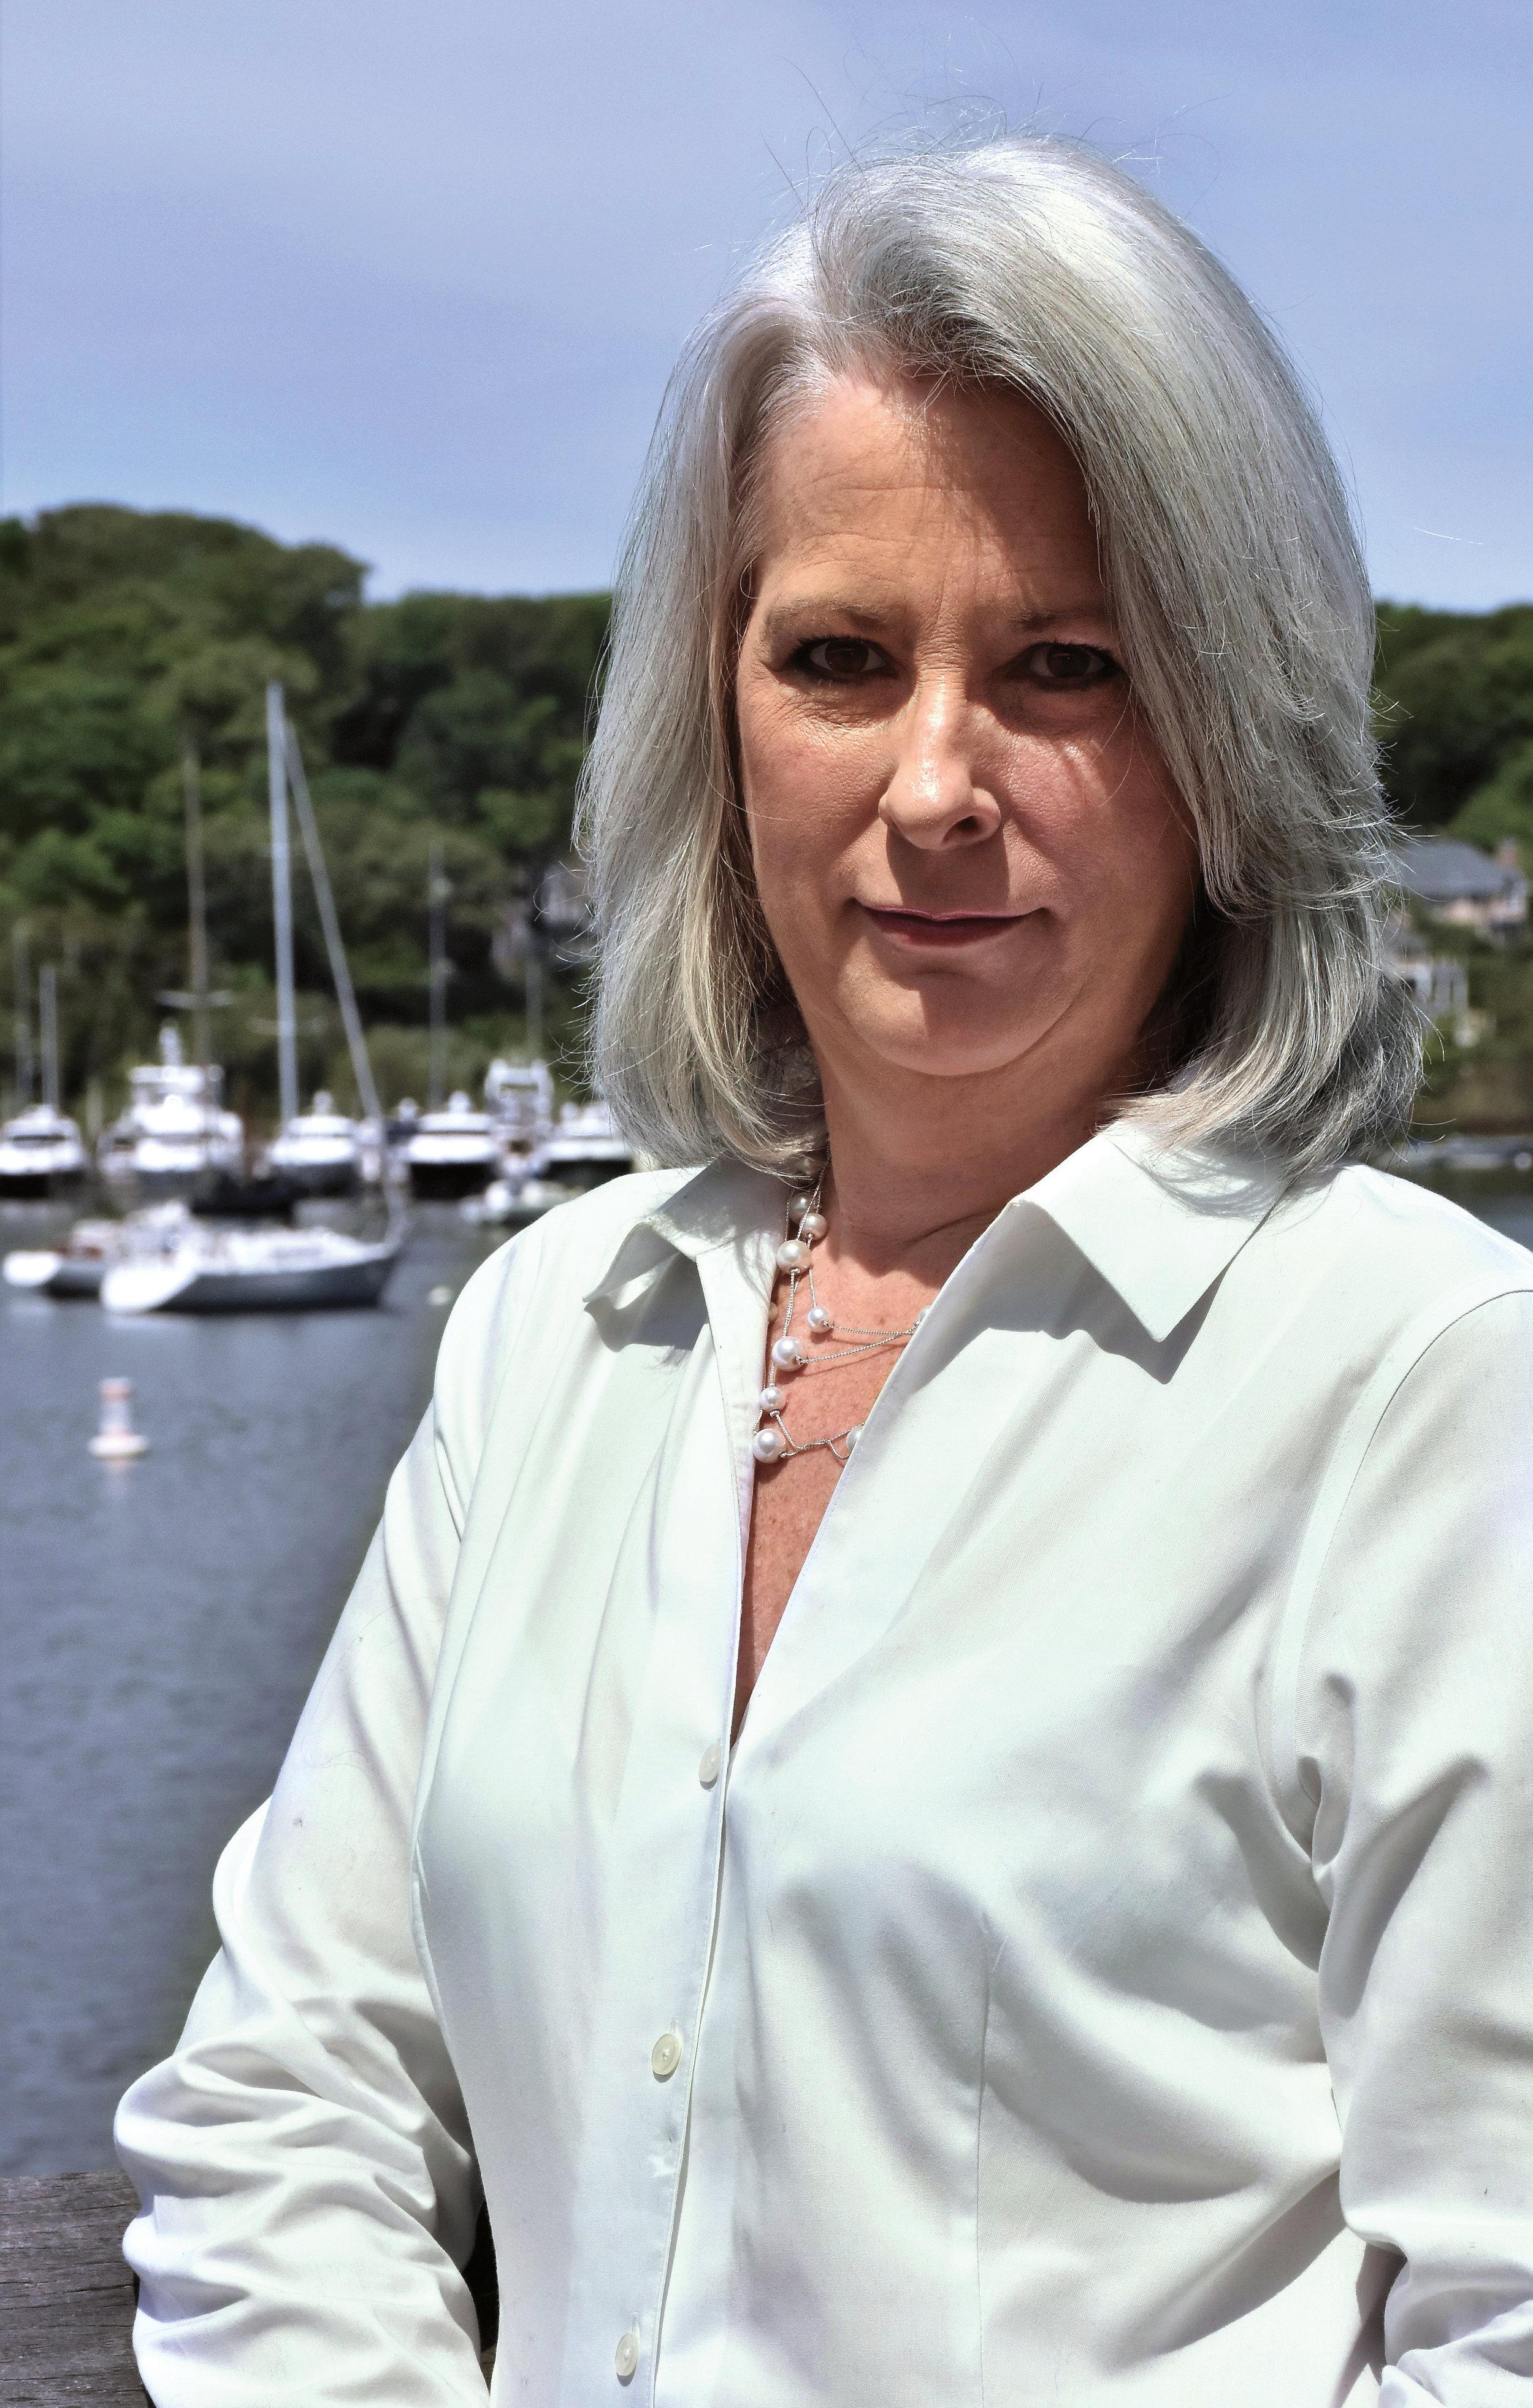 Barbara-Dutton-Weingarten.jpg